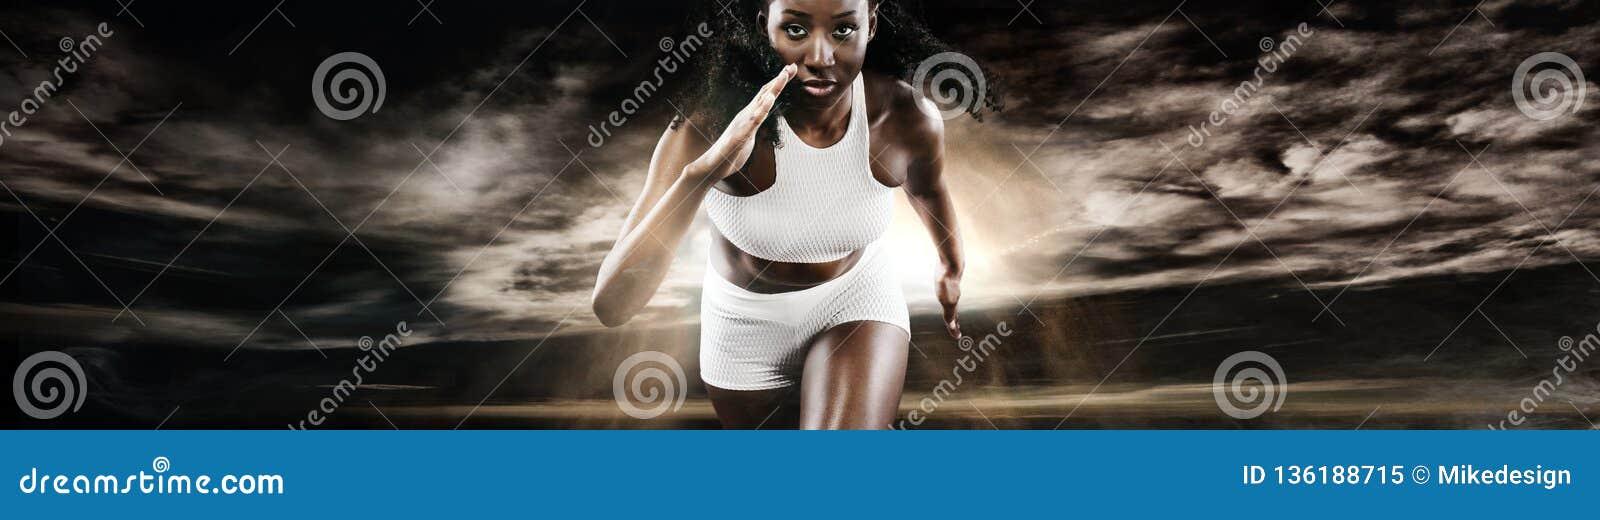 Sprinter sportif fort de femme, courant sur le fond foncé portant dans les vêtements de sport Motivation de forme physique et de